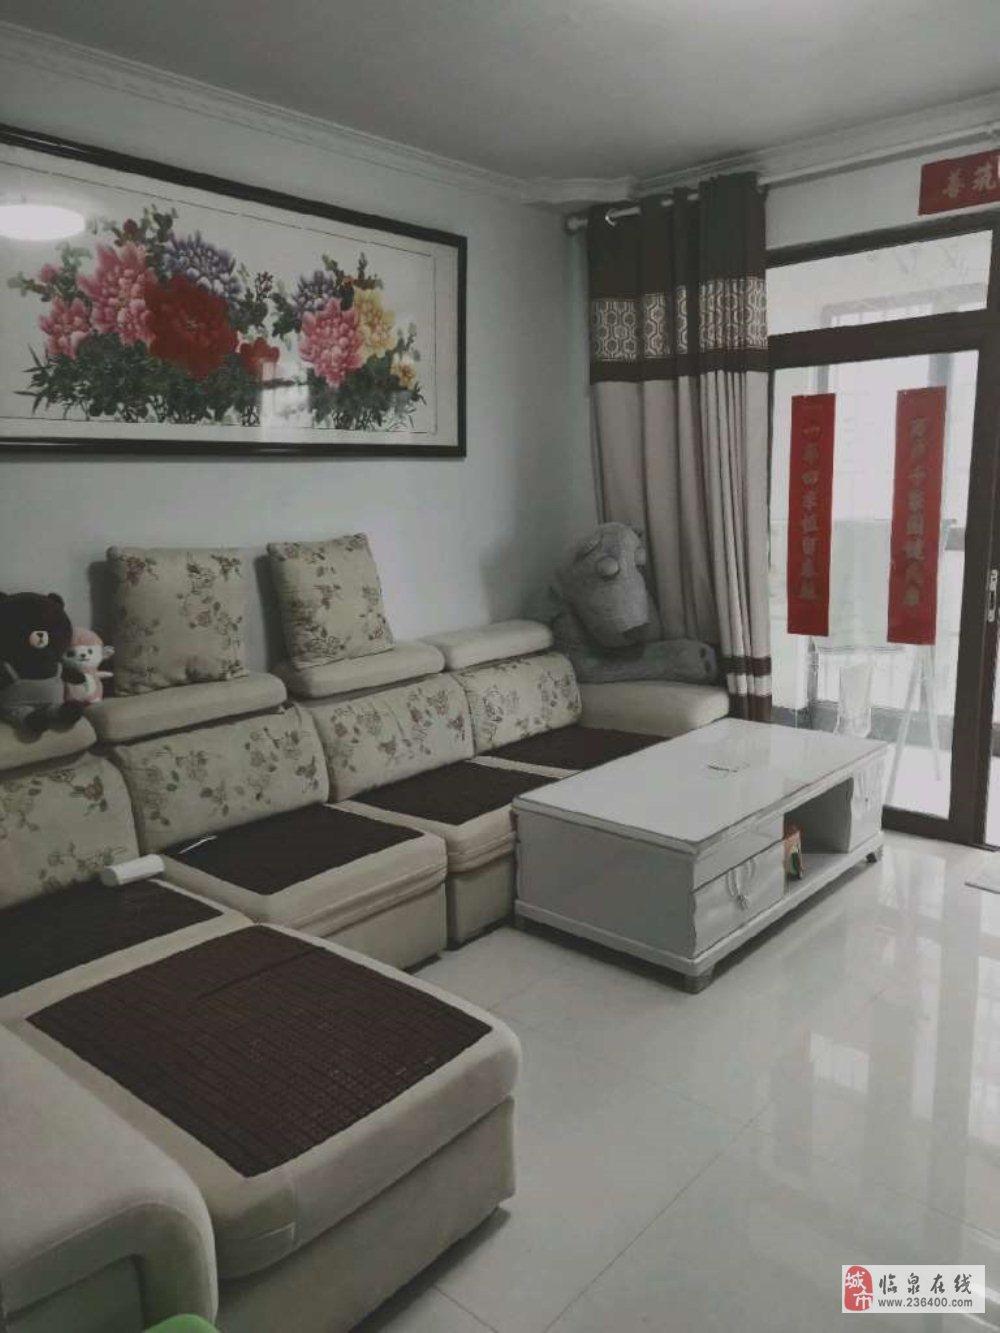 丽阳豪苑精装两房家电家具全留随时看房